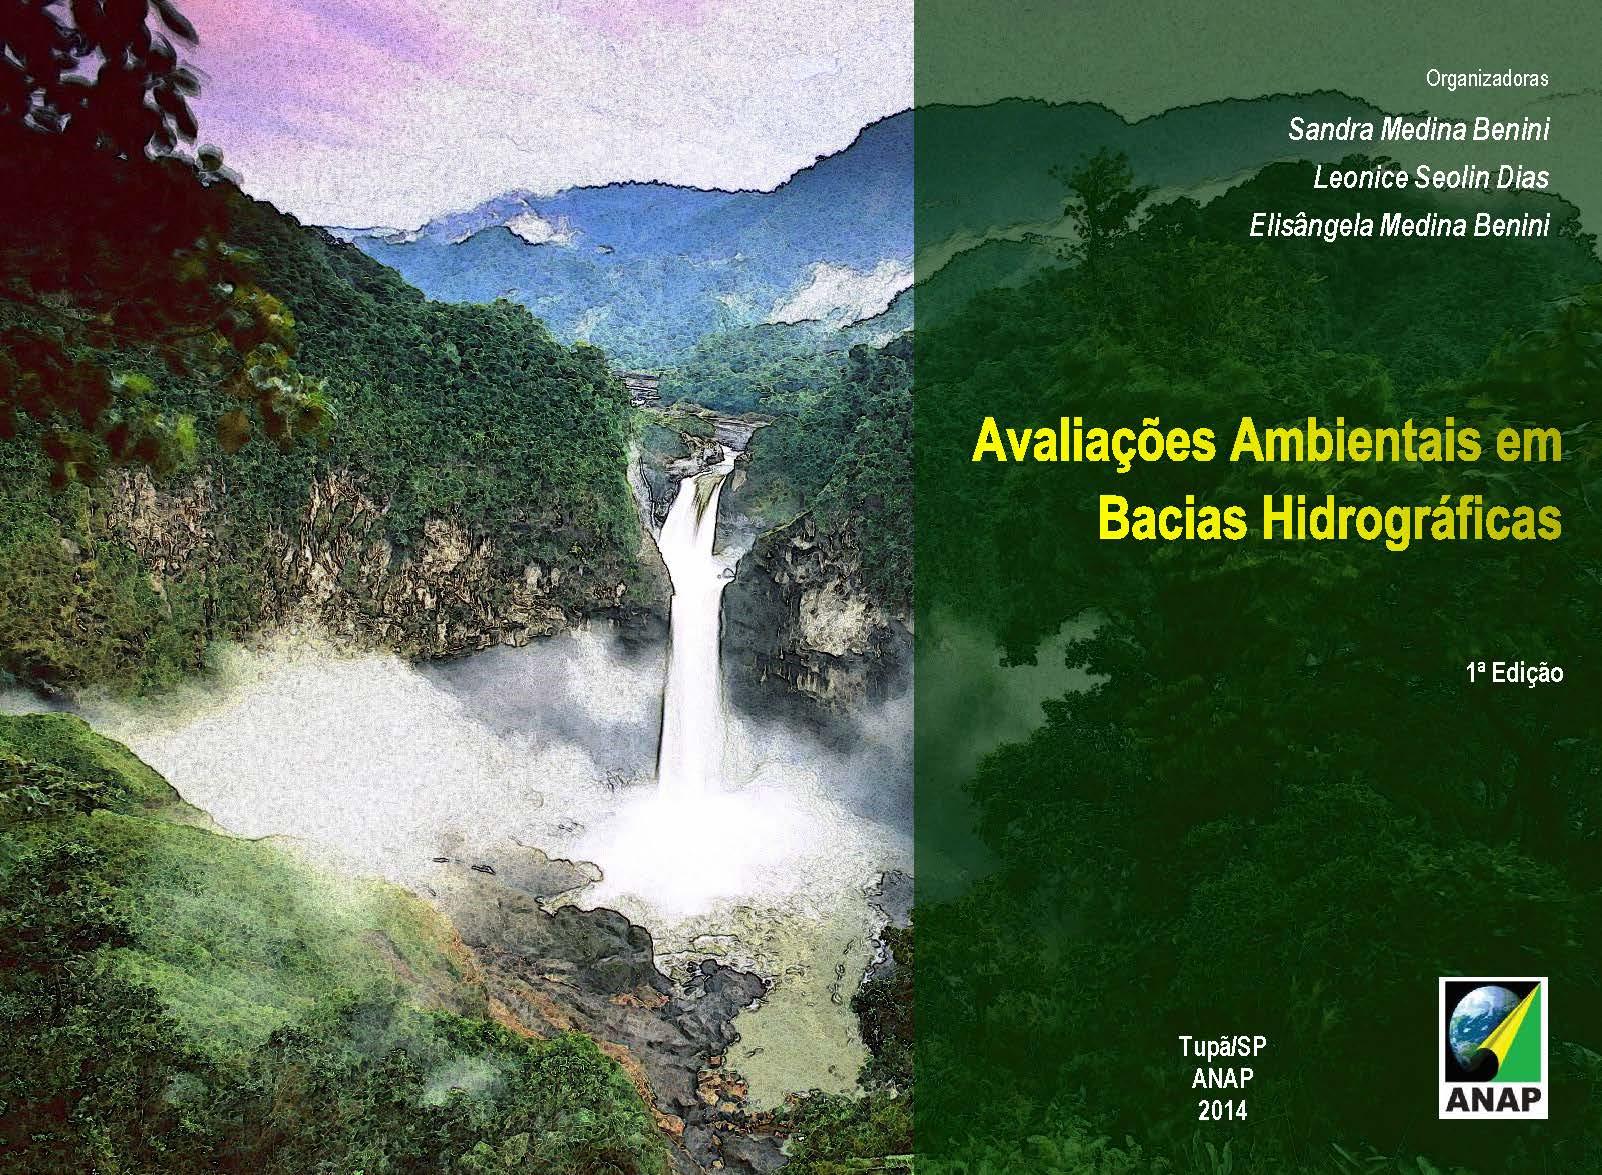 Dinâmica ambiental no brasildinâmica ambiental no mundo 2